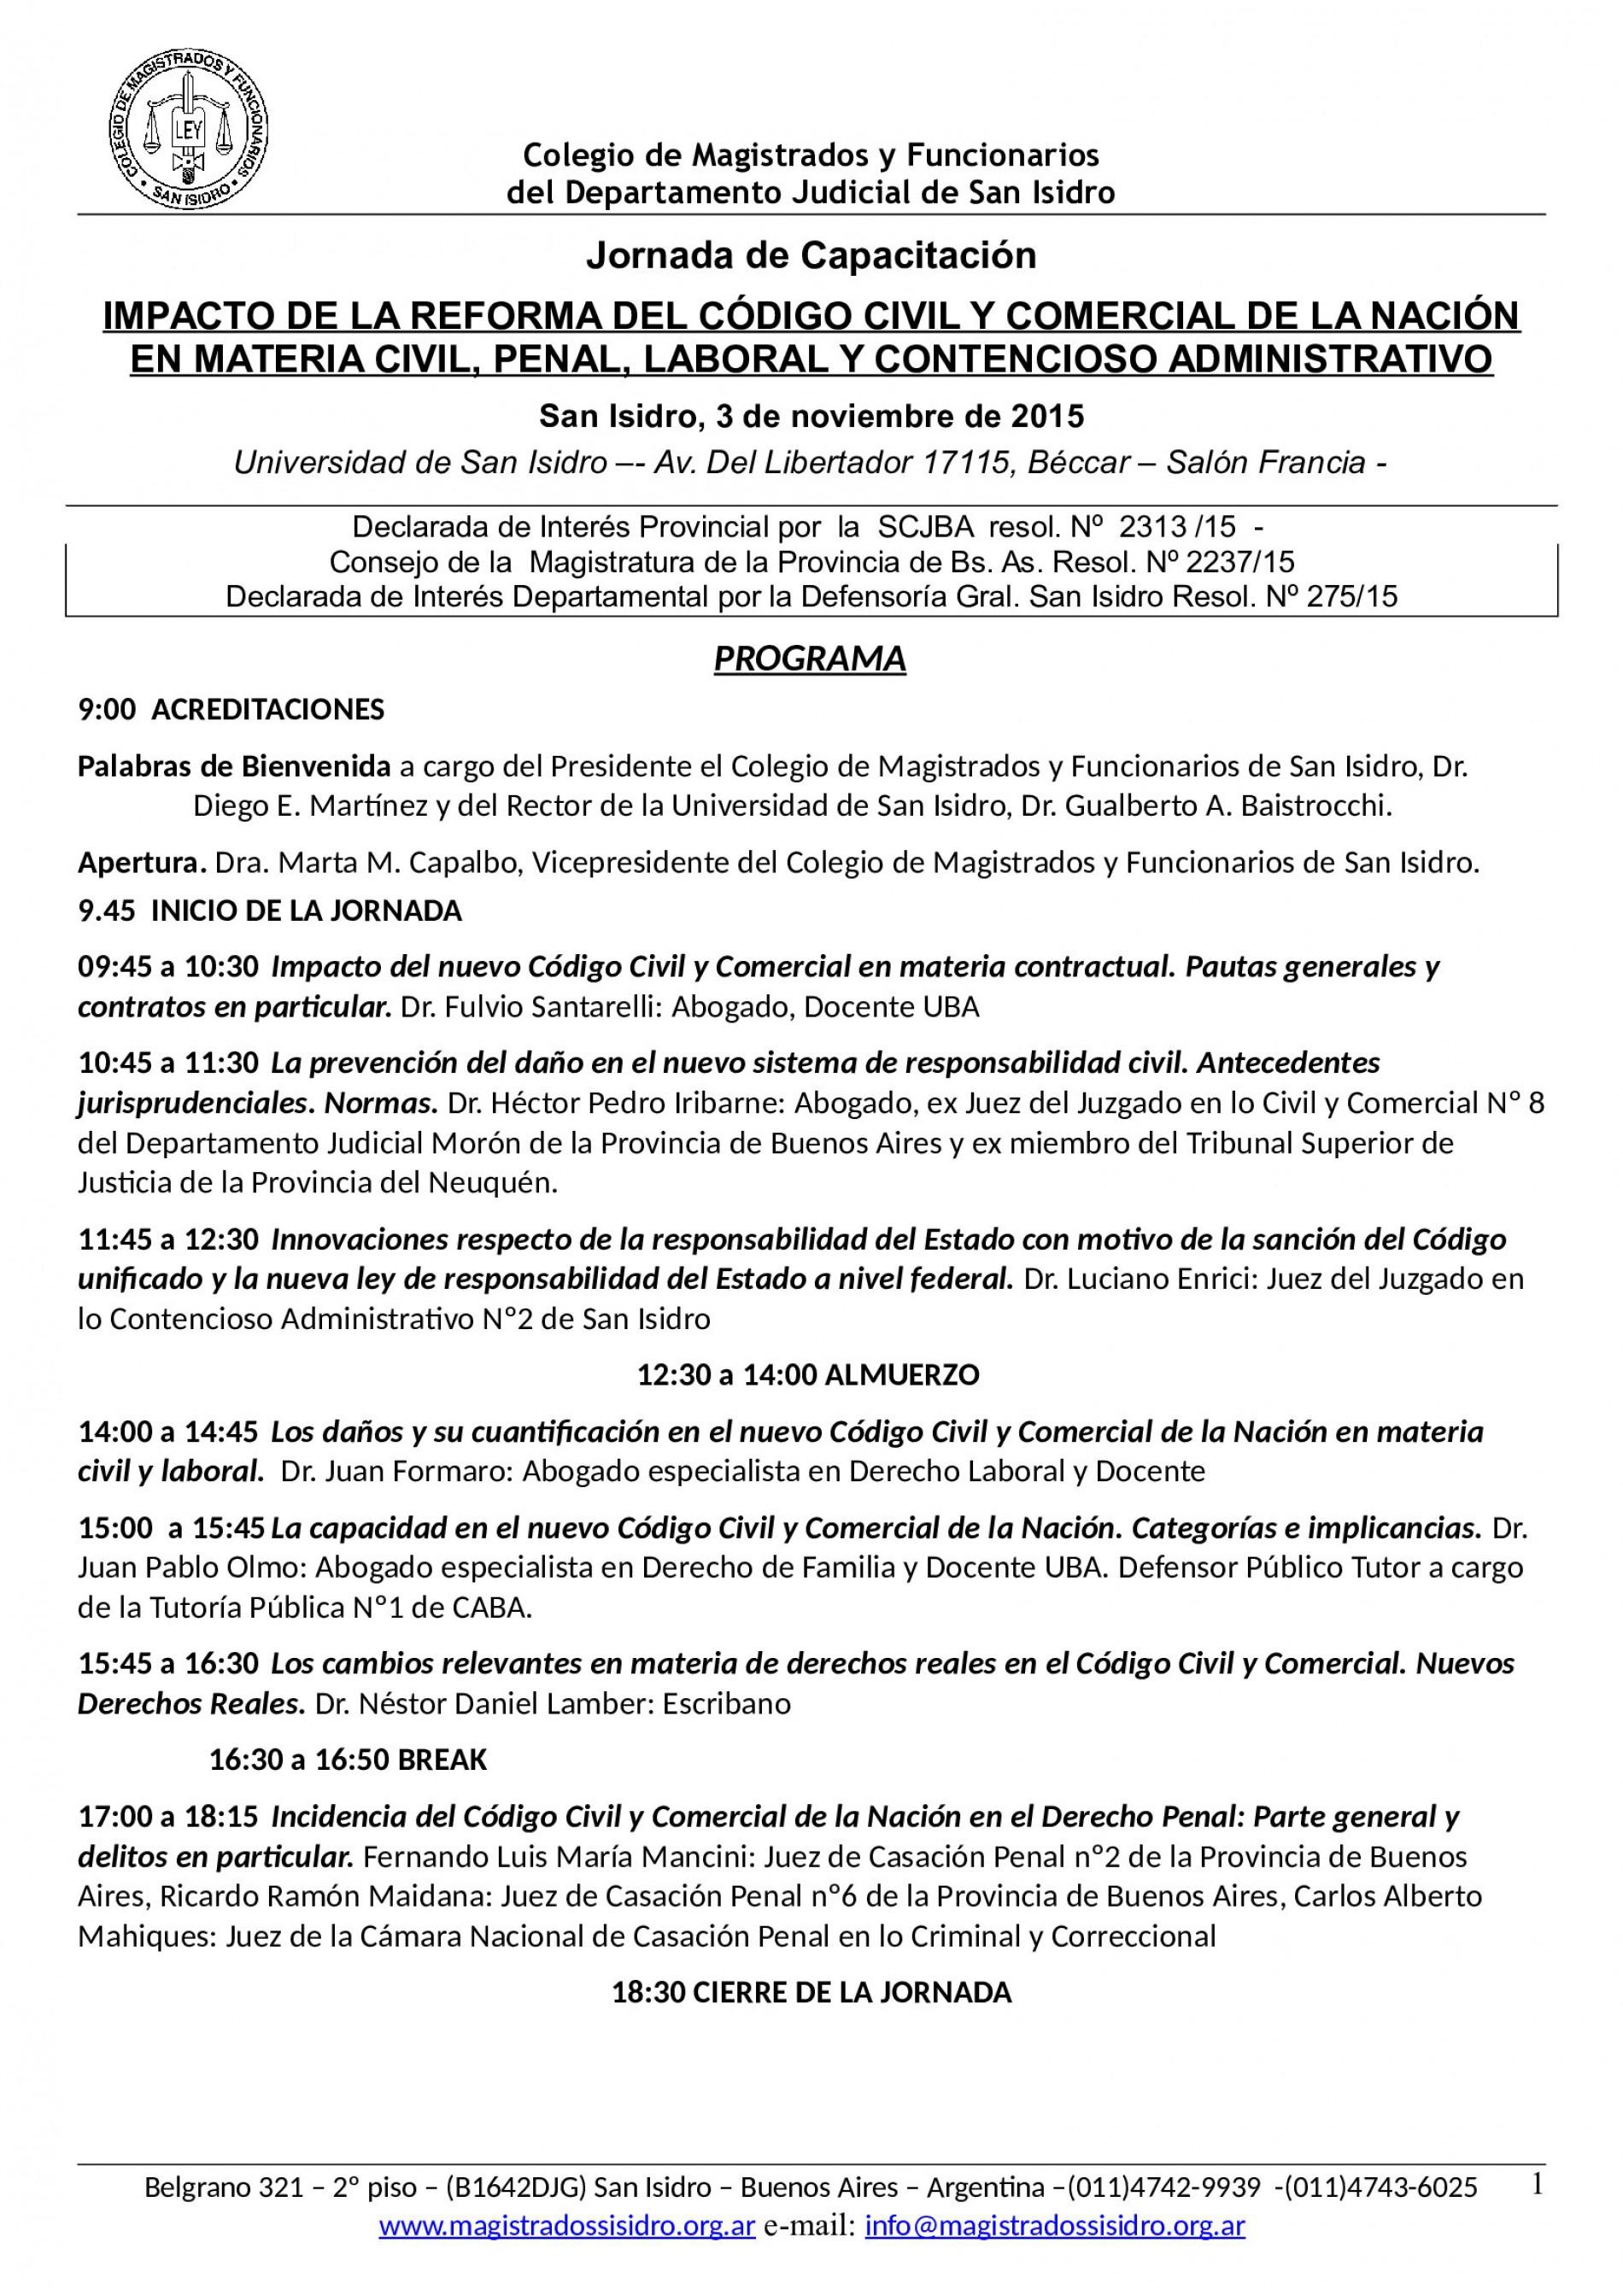 Novedades y programa actualizado C.C.C: 3-11-15 San Isidro «Impacto de la Reforma del Código Civil y Comercial de la Nación en Materia Civil, Penal, Laboral y Contencioso Administrativo»